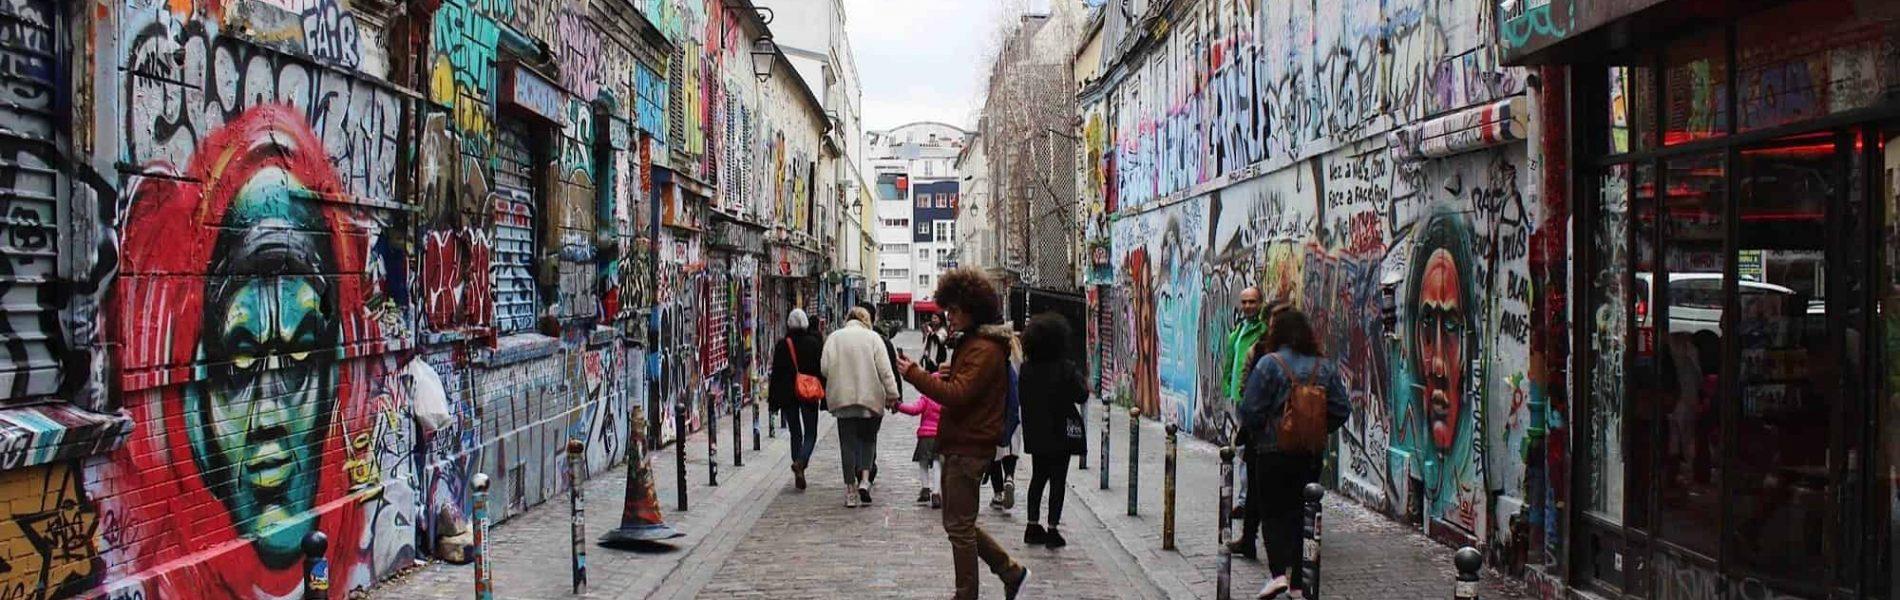 לא נמצאים במדריך: 5 מקומות שאסור לפספס בפריז